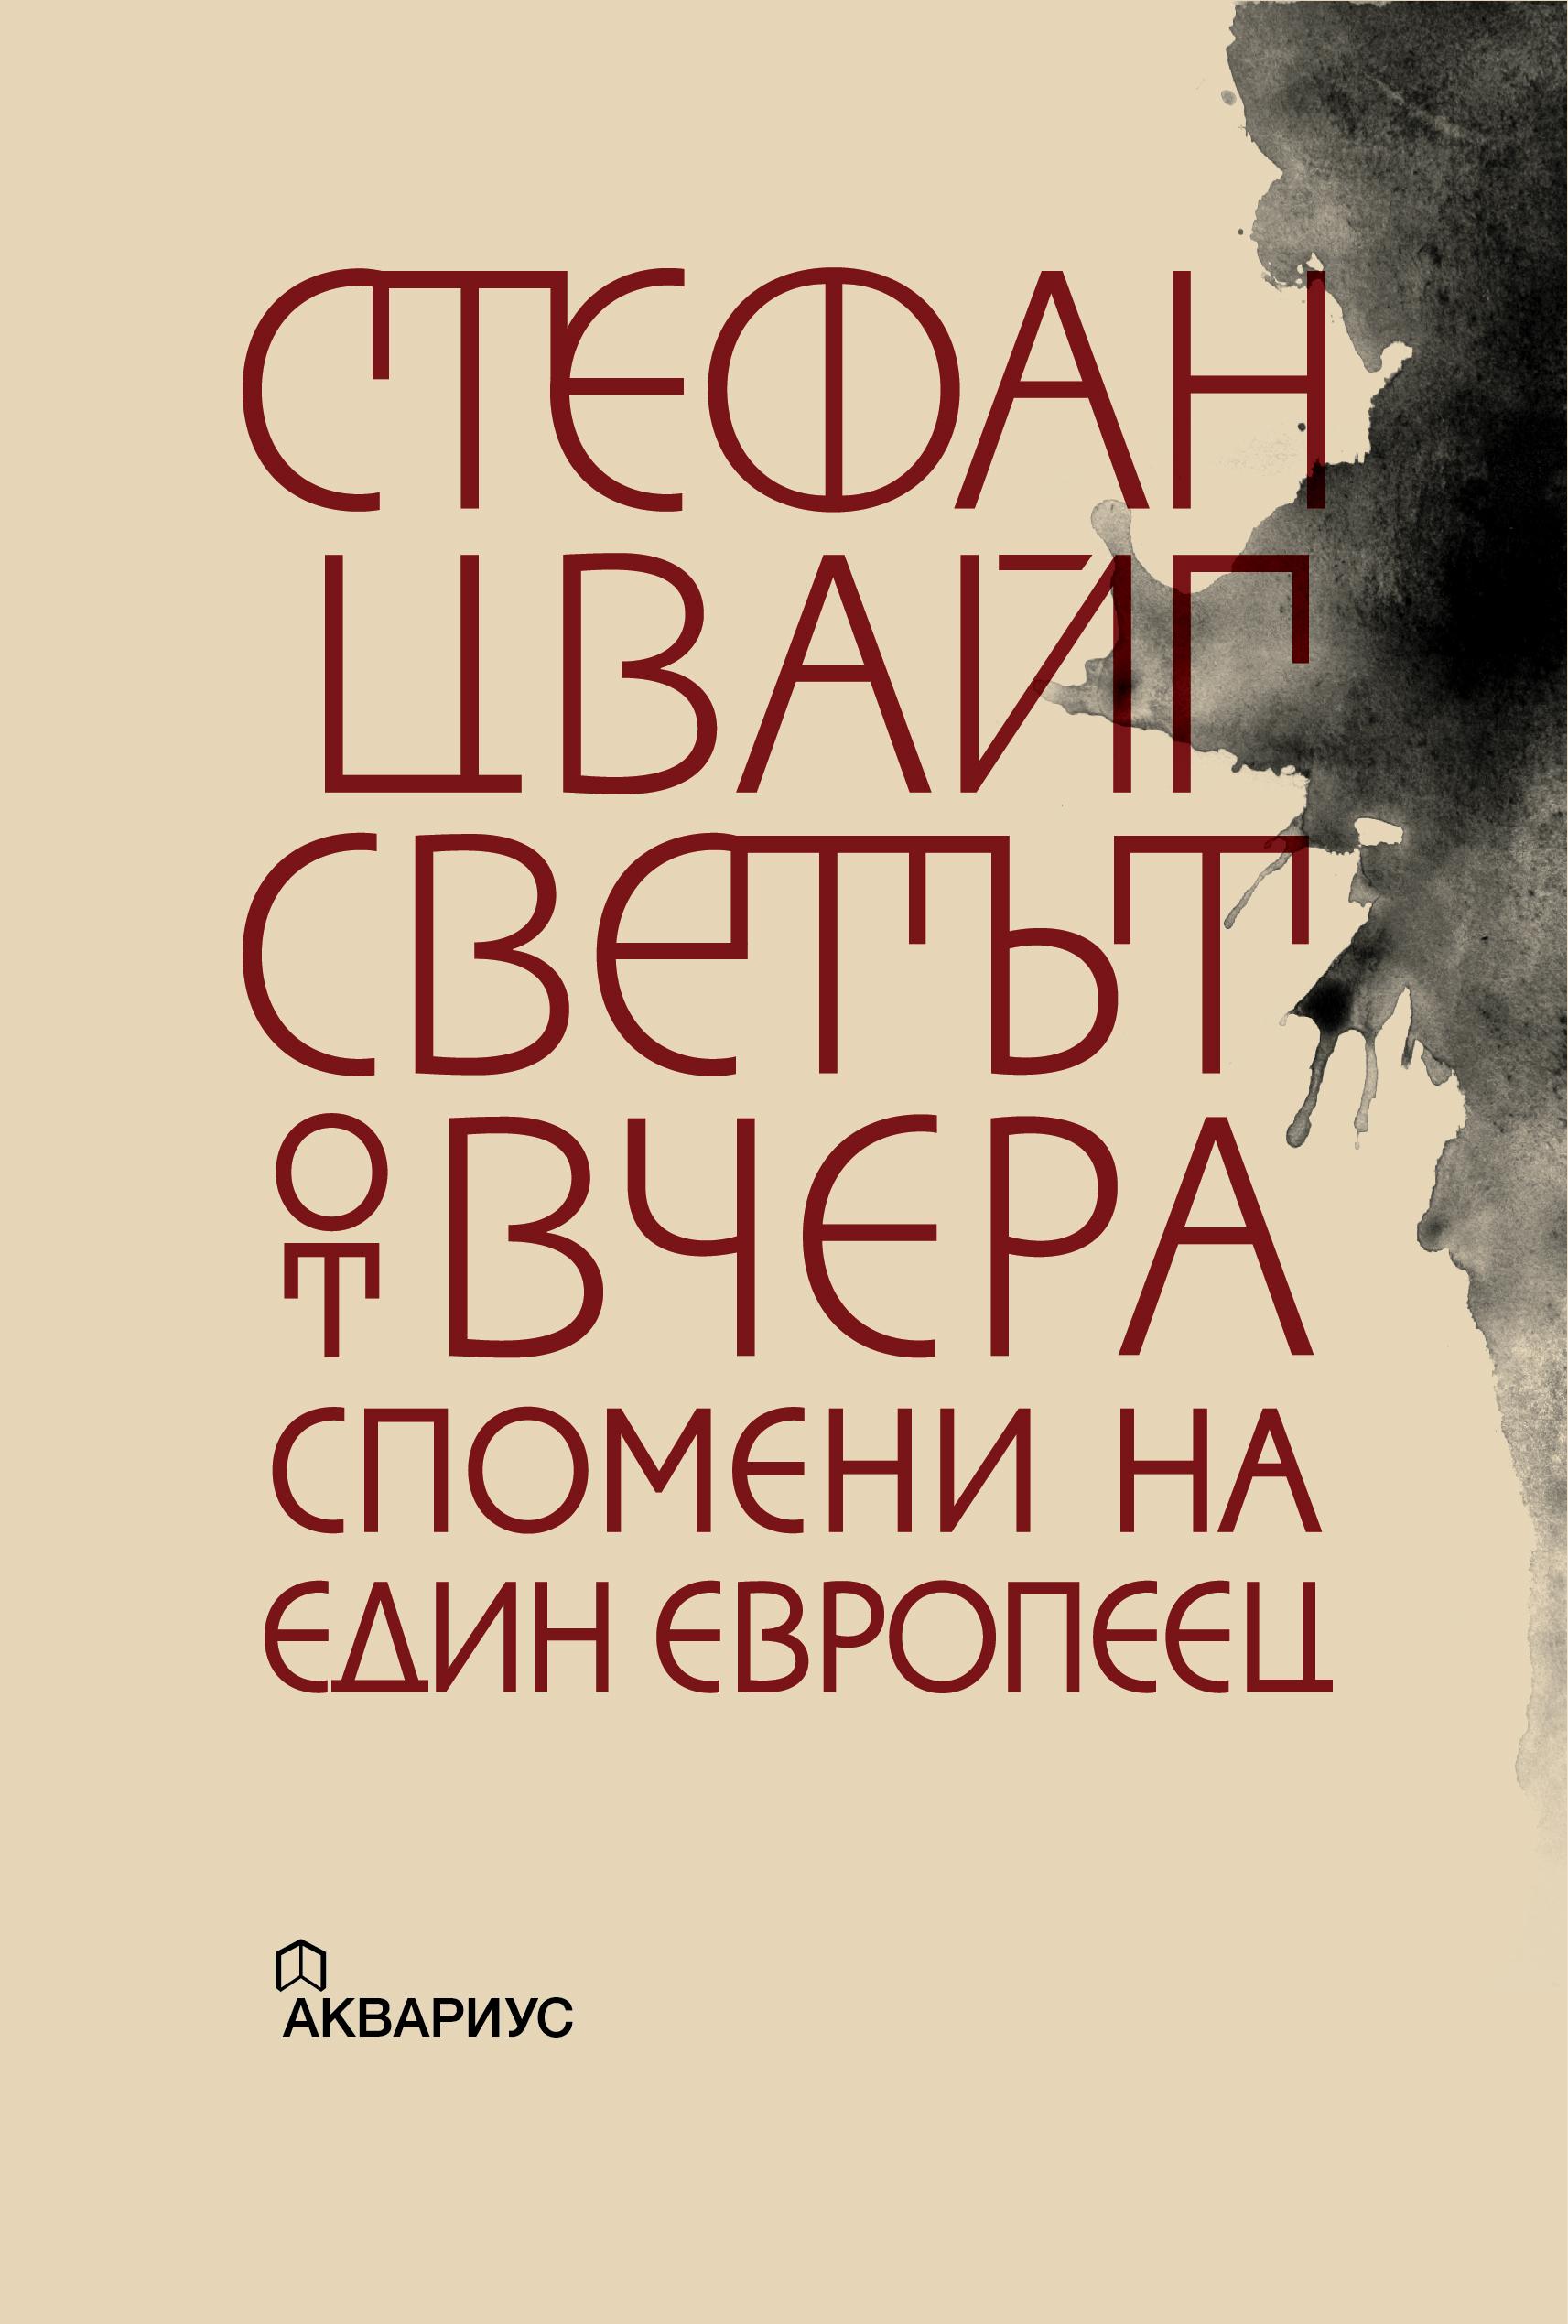 Светът от вчера, Стефан Цвайг